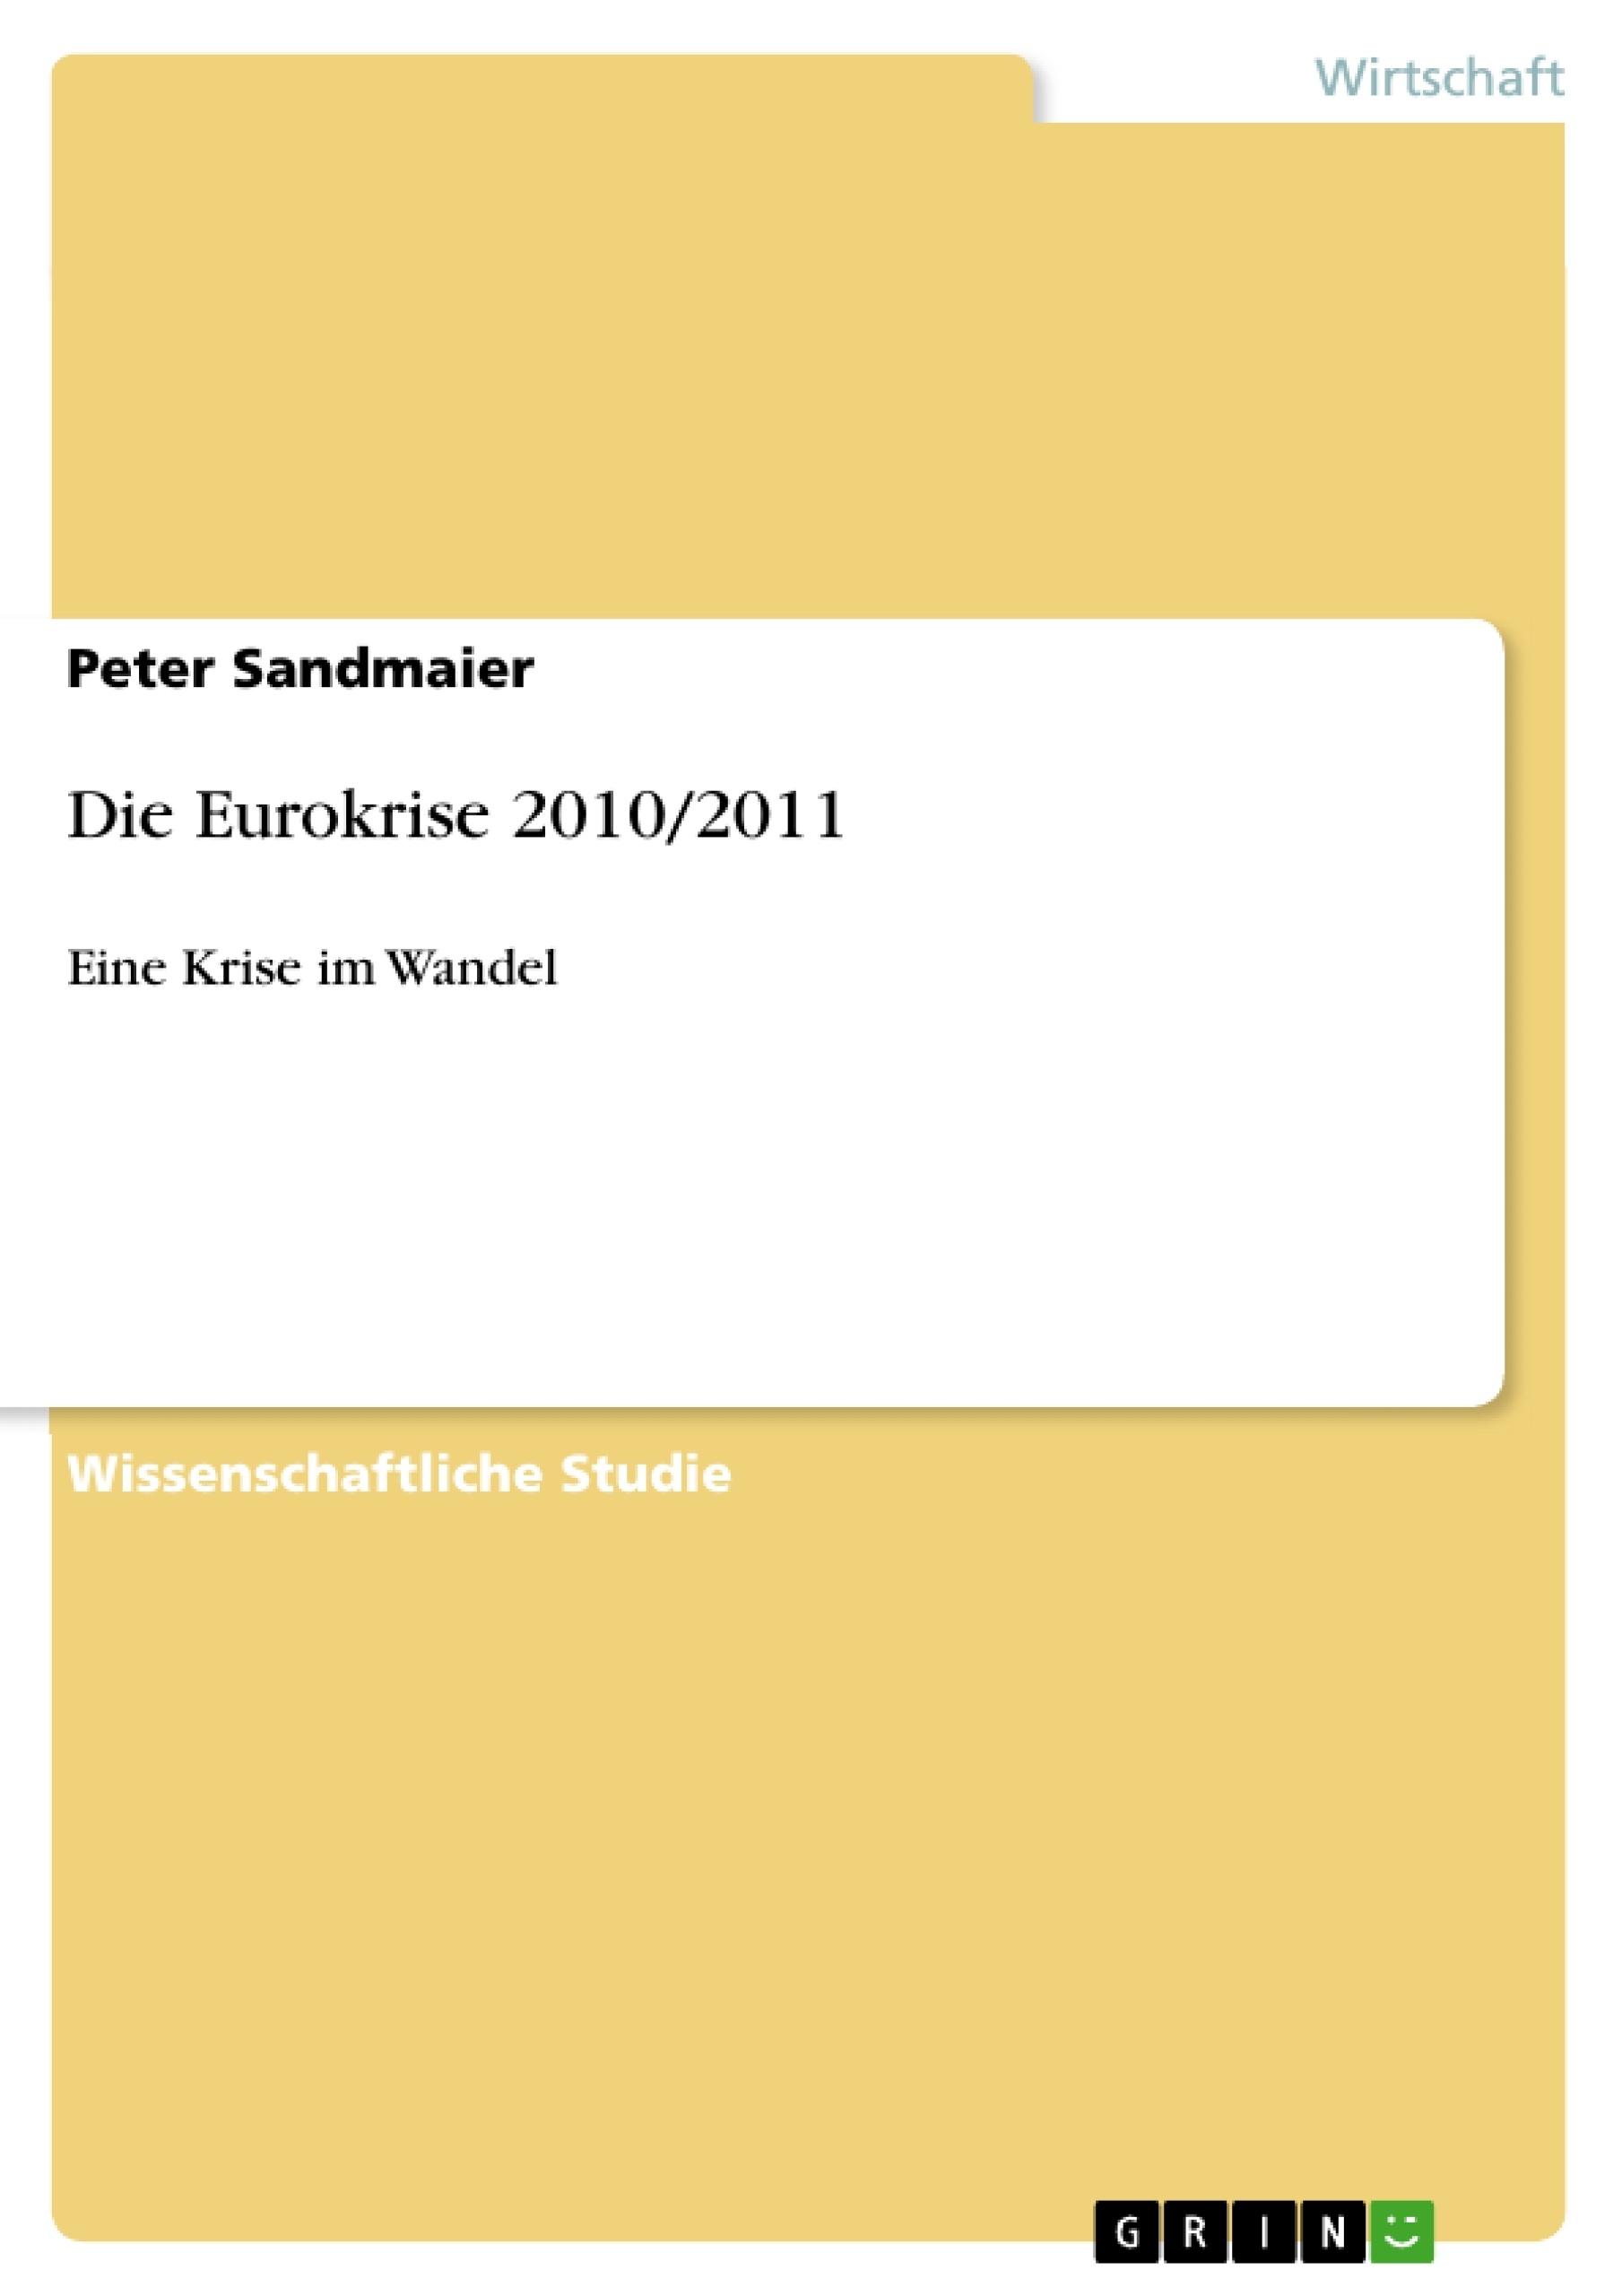 Titel: Die Eurokrise 2010/2011